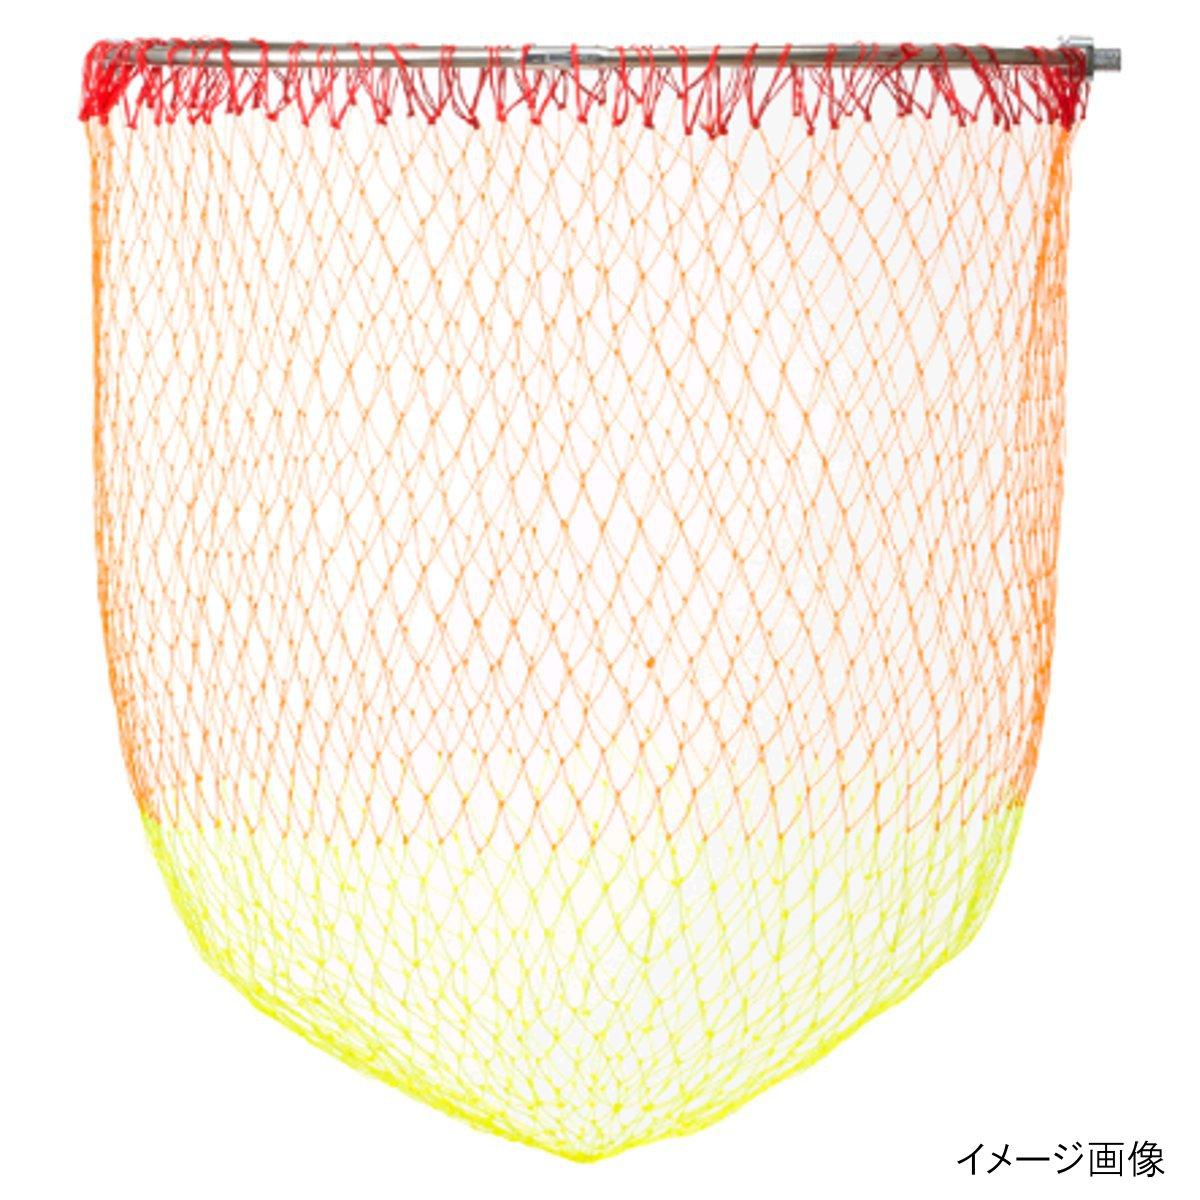 ダイワ 磯玉枠 網付き(A) 4-55 オレンジ/イエロー